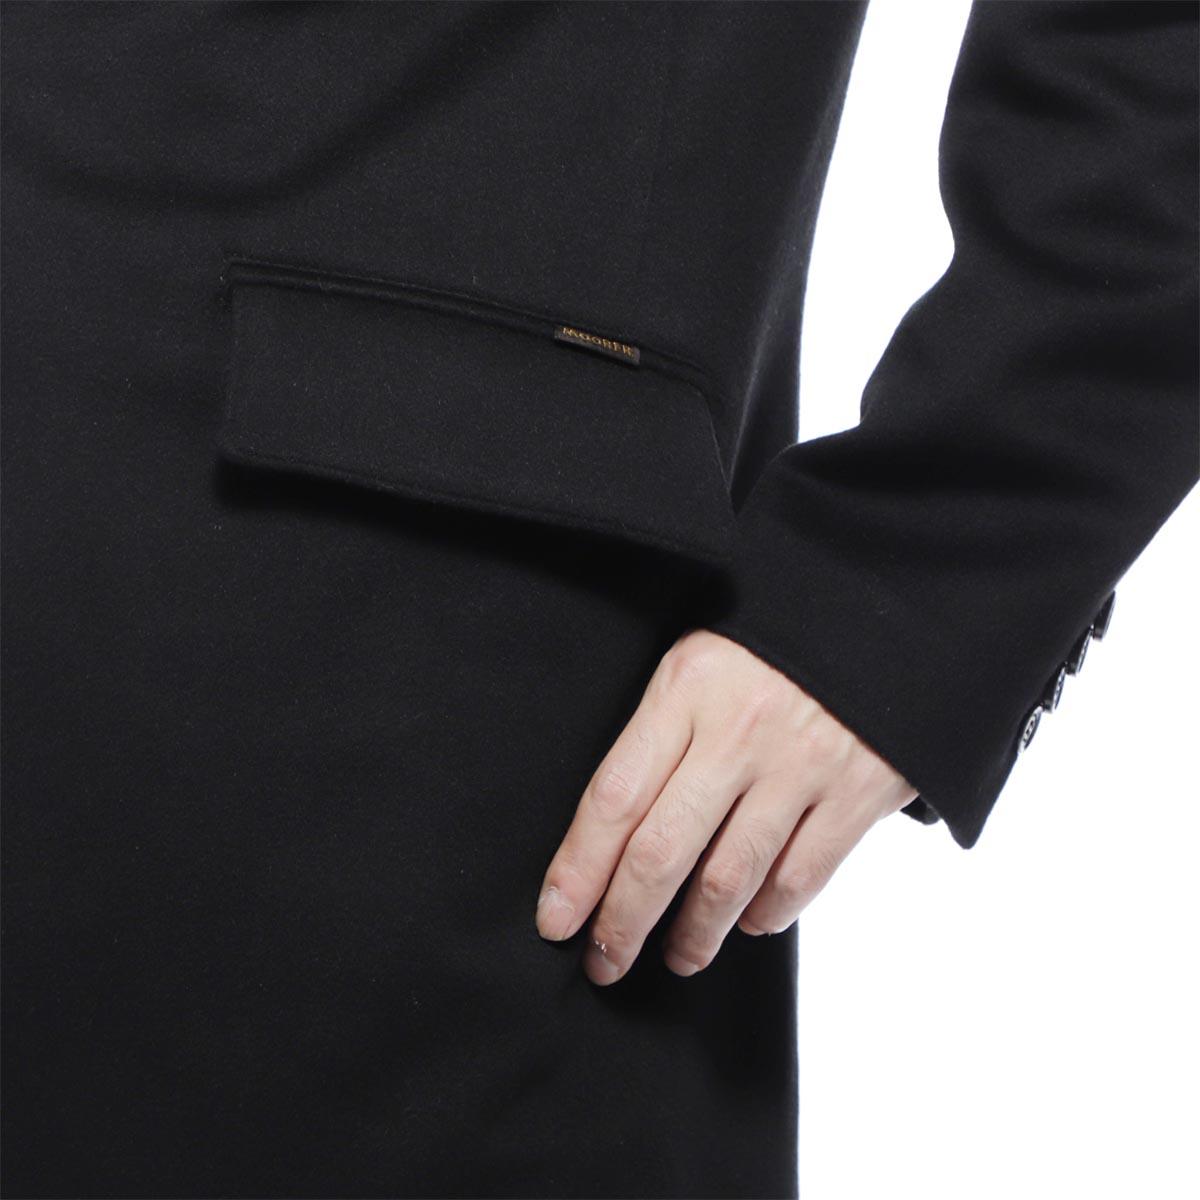 【タイムセール TOPS】【アウトレット】MOORER ムーレー ライナー付きチェスターコート/HARRIS【大きいサイズあり】 メンズ